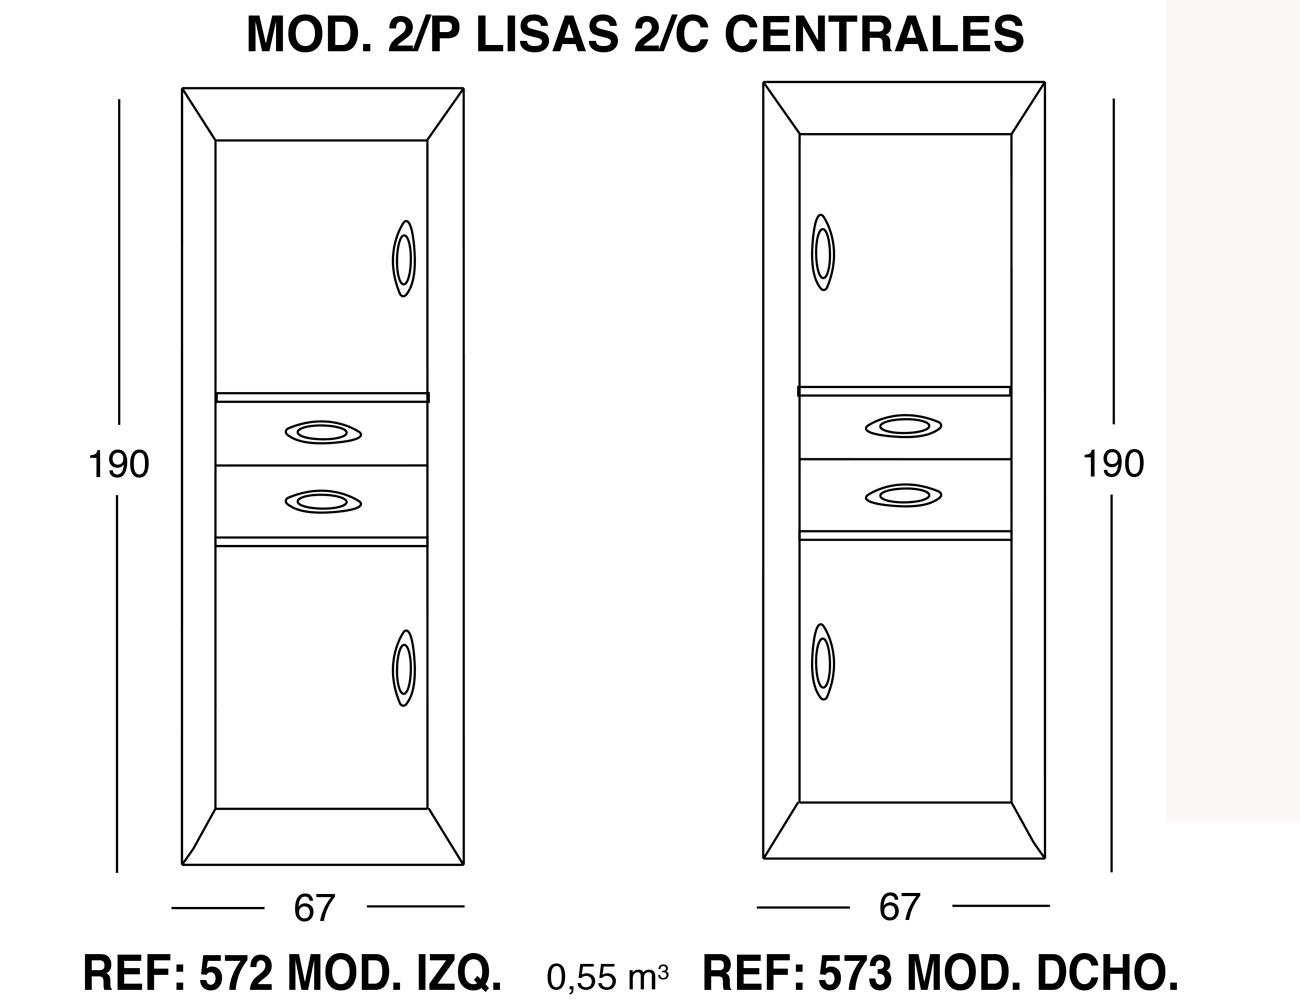 Modulo 2 puertas lisas 2 cajones centrales1